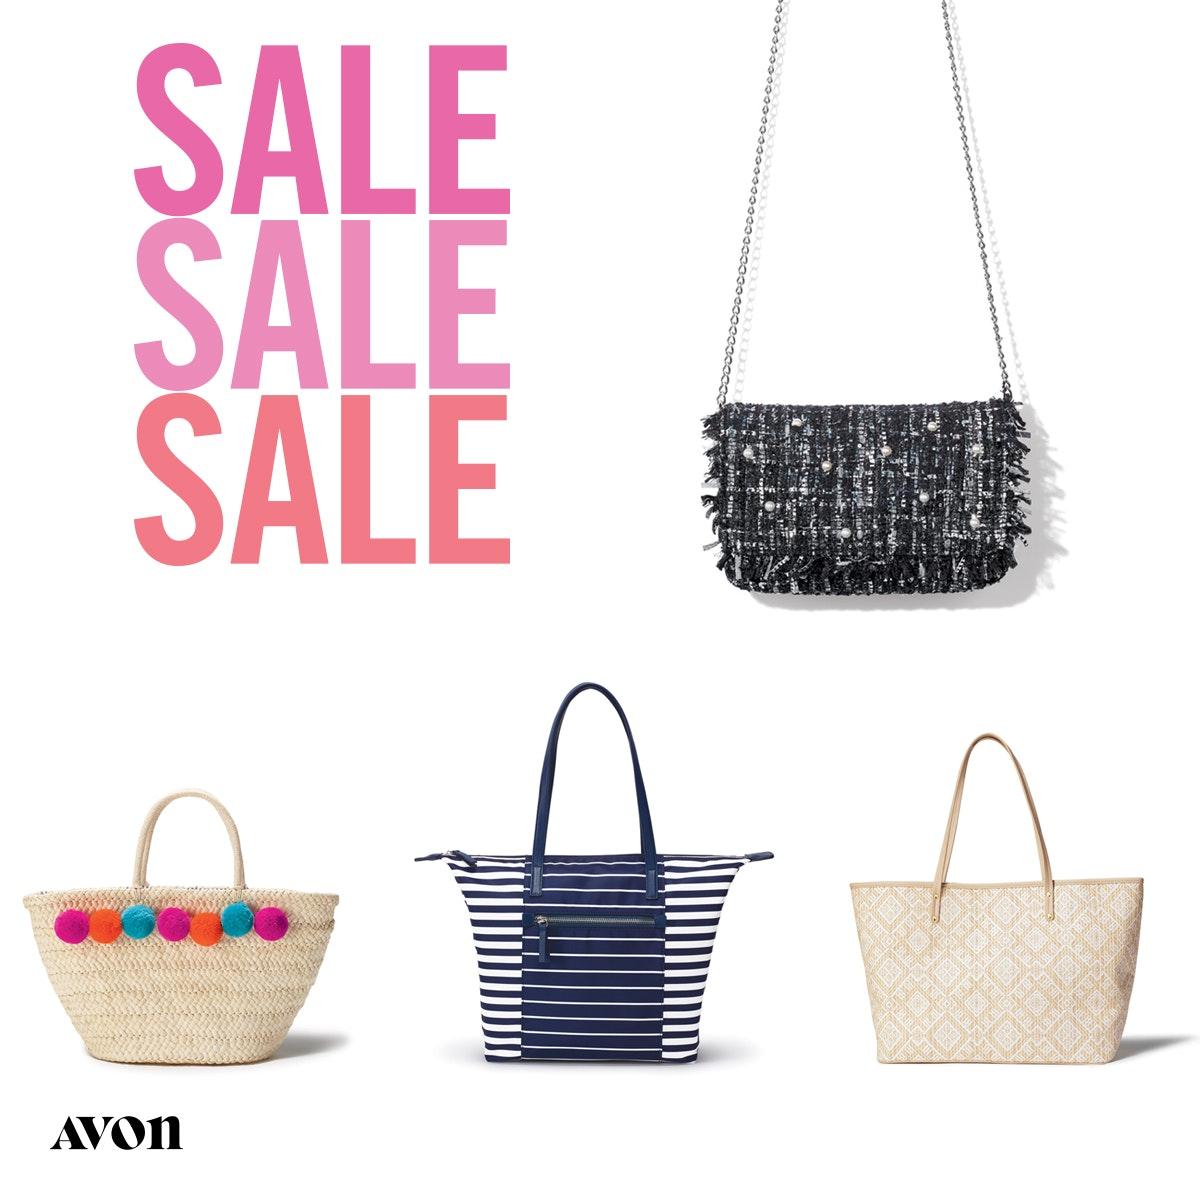 Avon Purse and Tote Sale